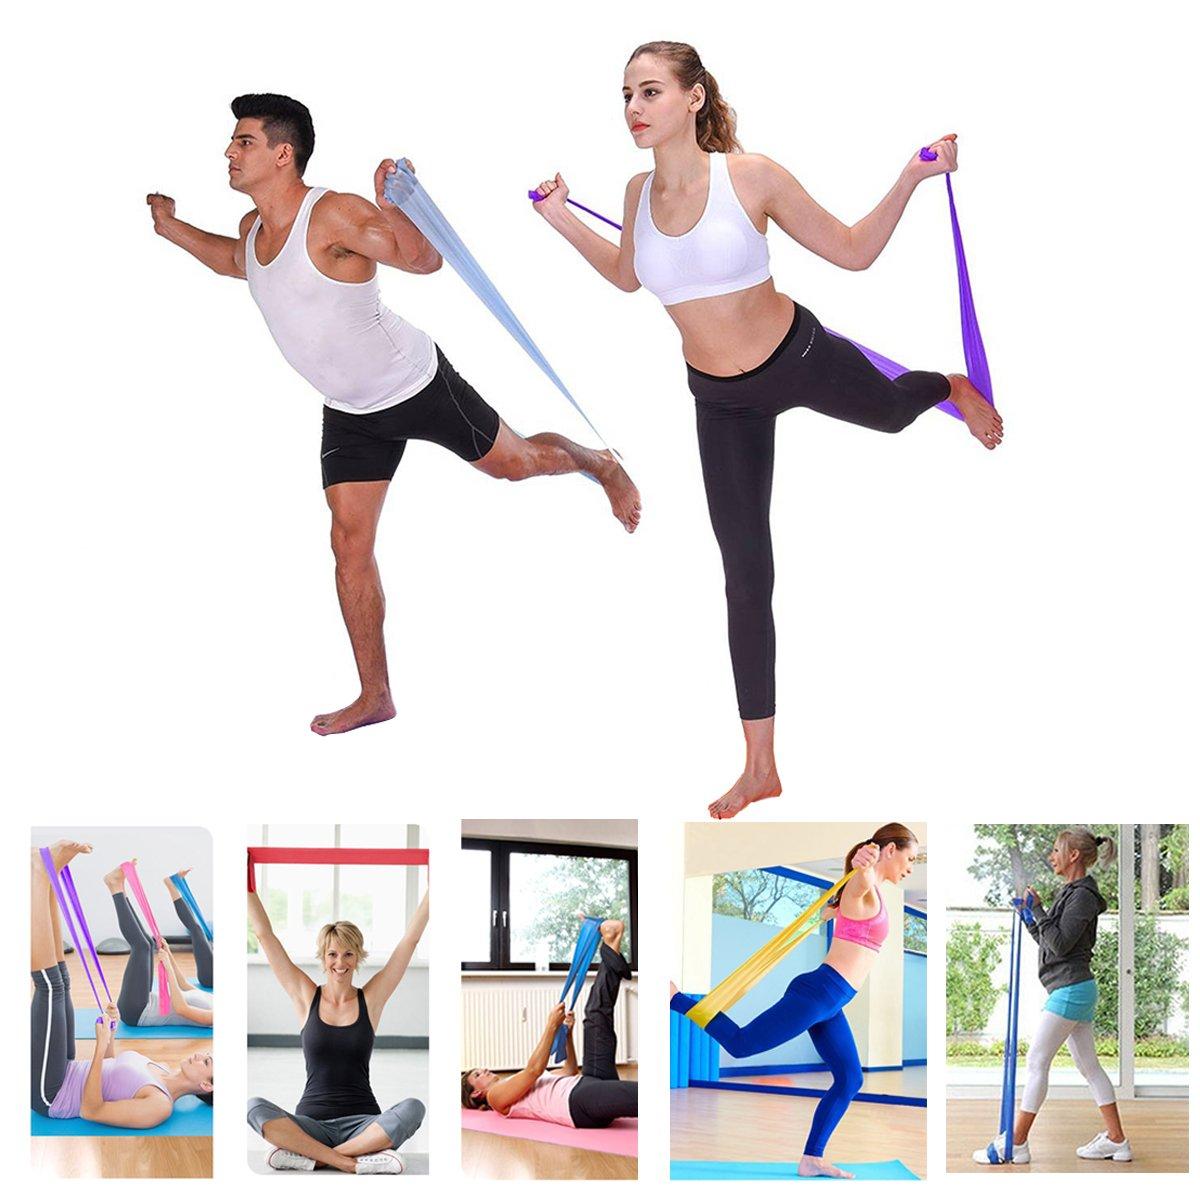 ... juego de 3 bandas elásticas para ejercicio, gimnasio, gimnasio, gimnasio, entrenamiento de fuerza, terapia física, yoga, pilates, ejercicios de silla: ...